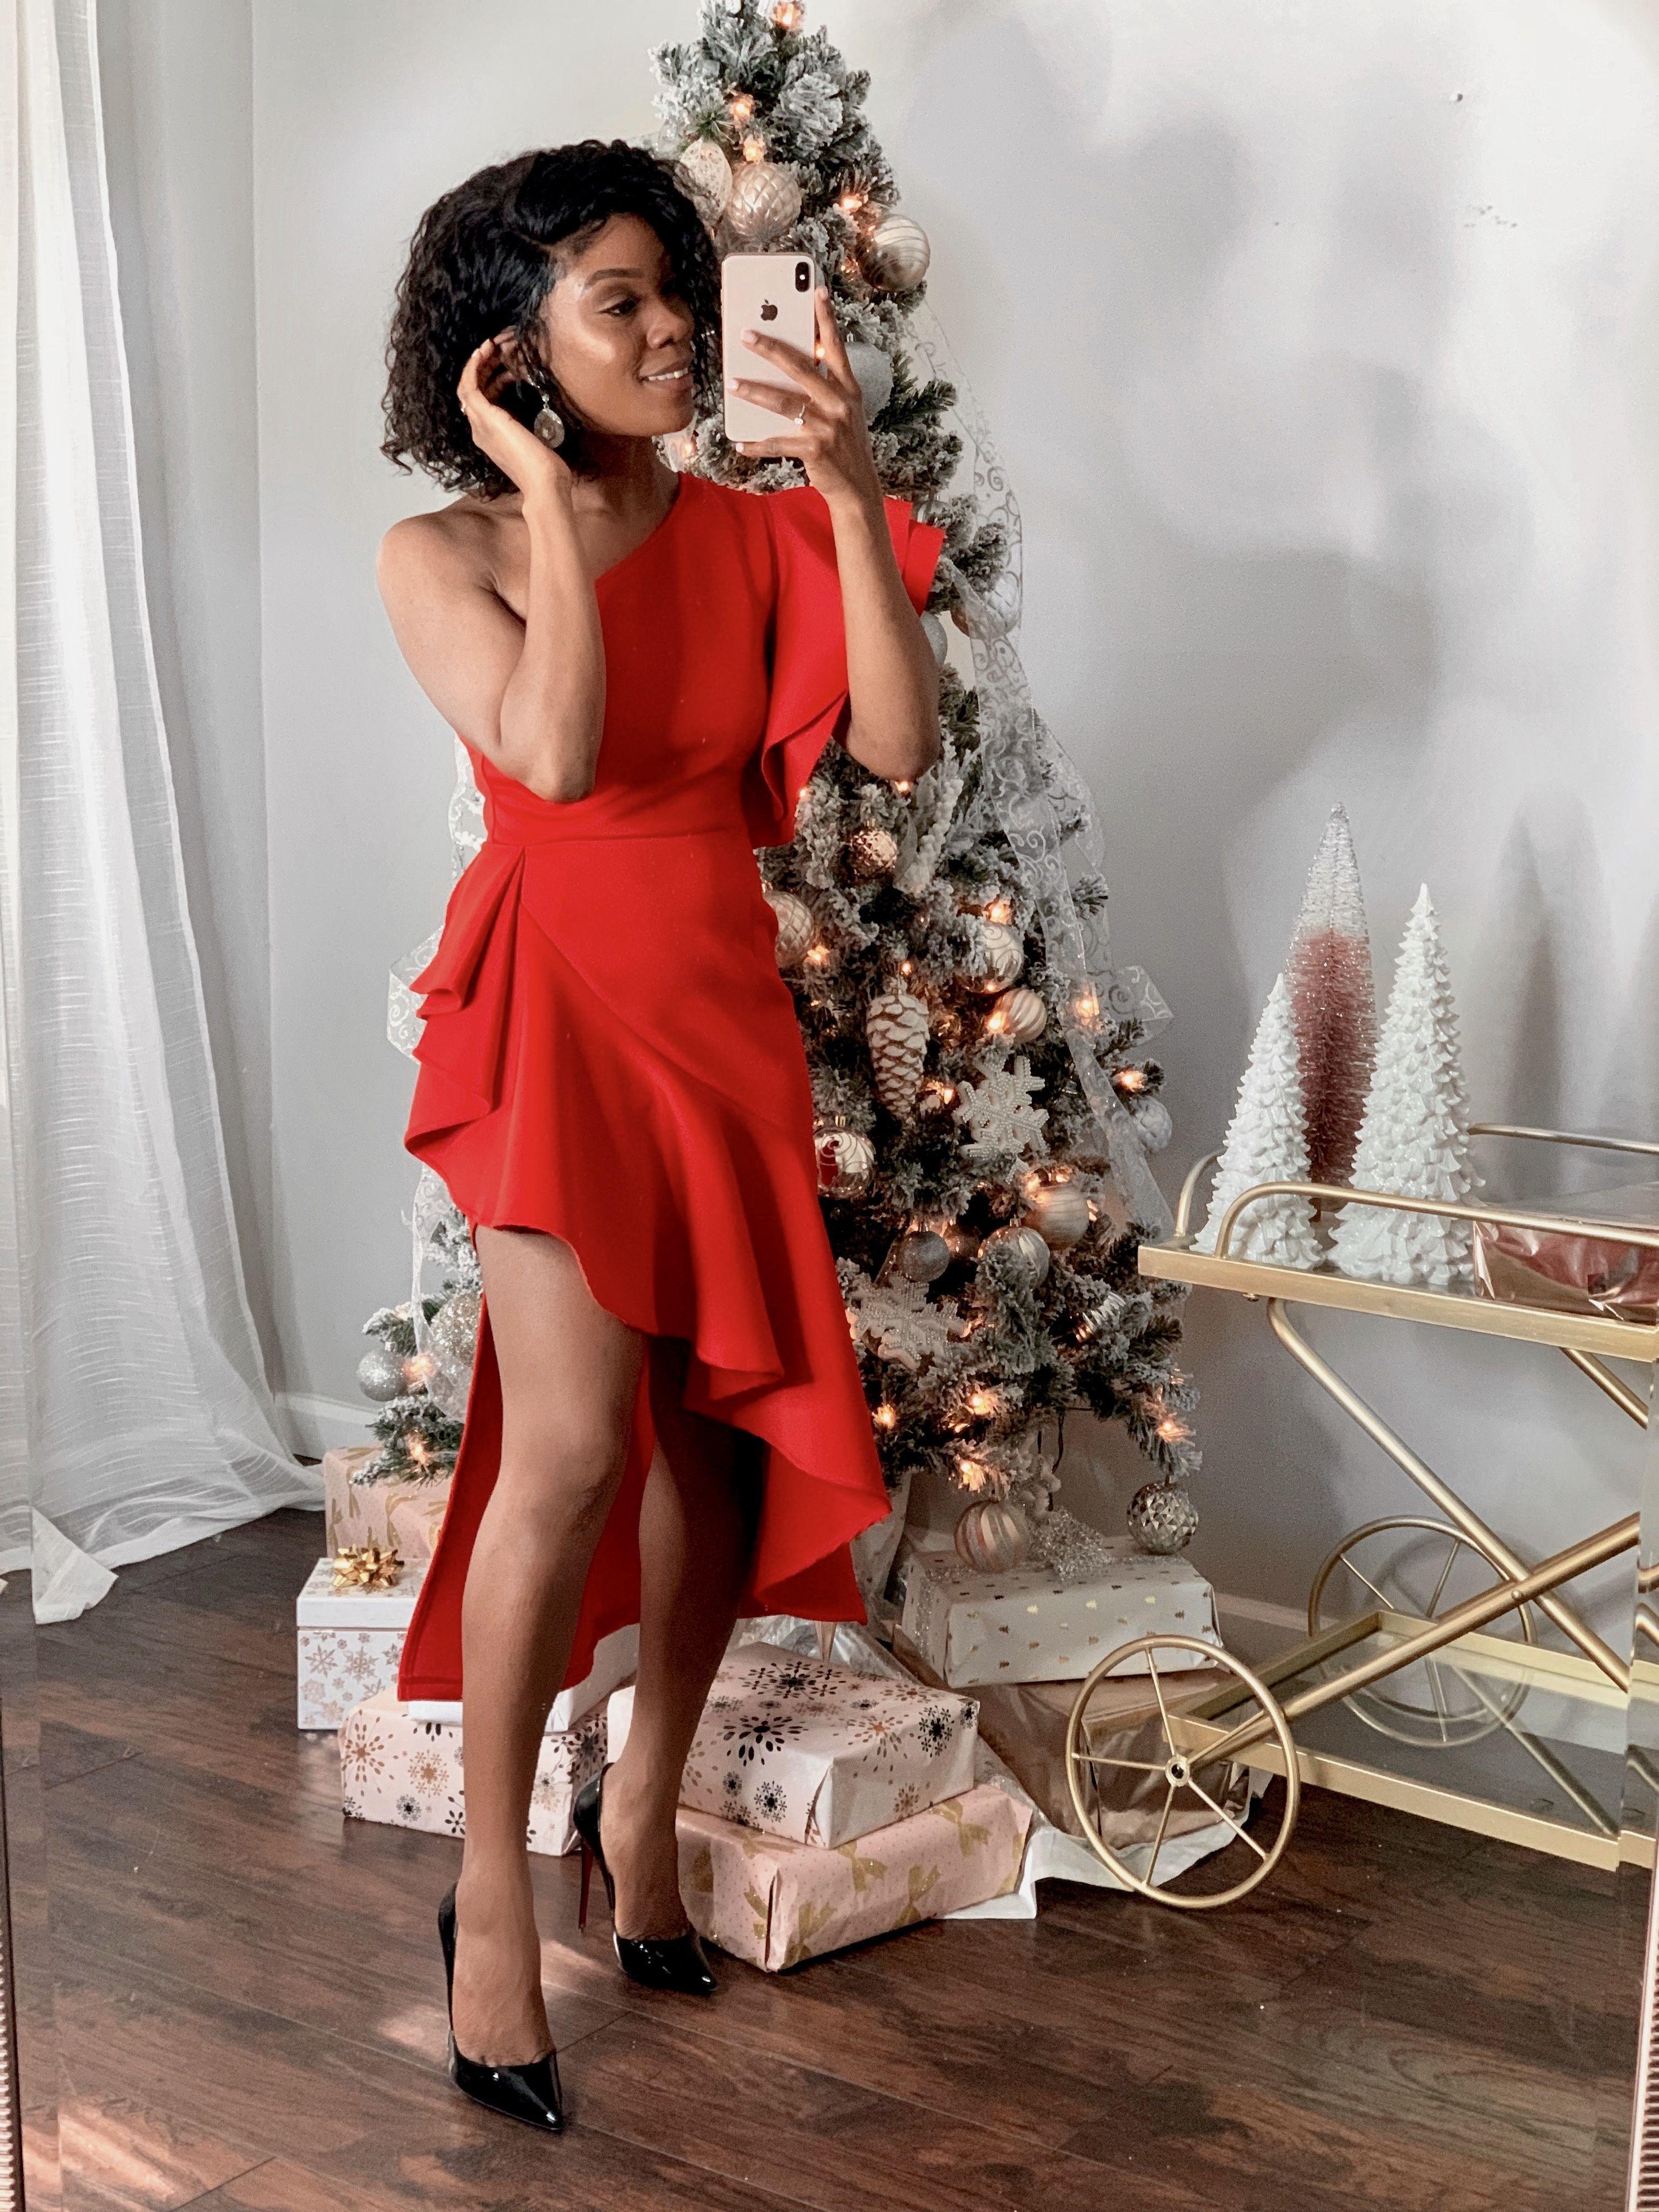 Frauen rotes Kleid  Weihnachtsfeier-Outfit #frauen #kleid #outfit